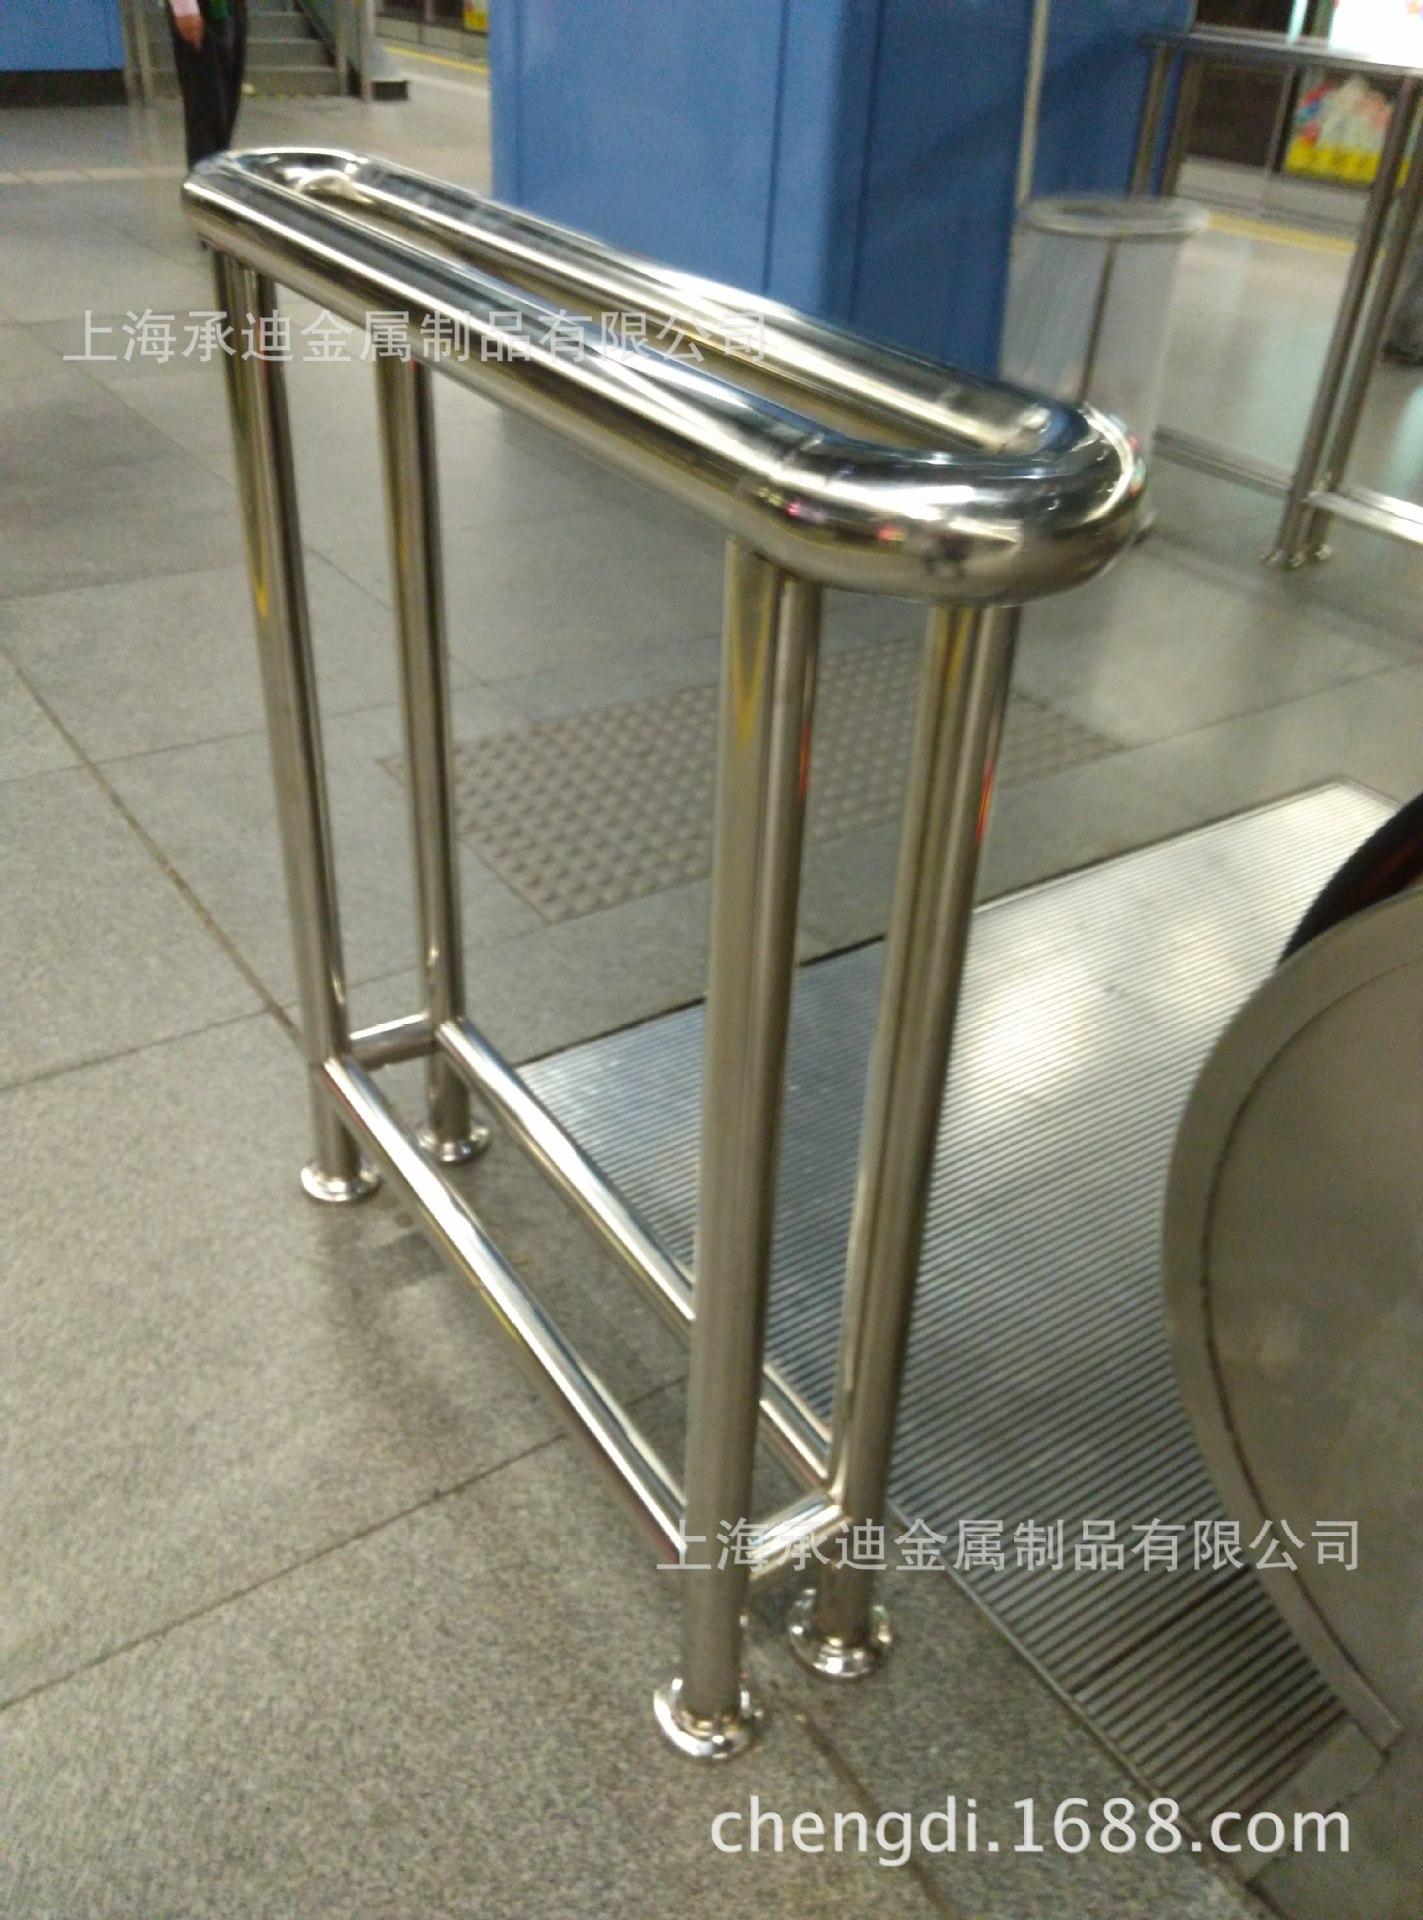 上海不锈钢扶手加工中心 承接车站  地铁站行人安全扶手定制